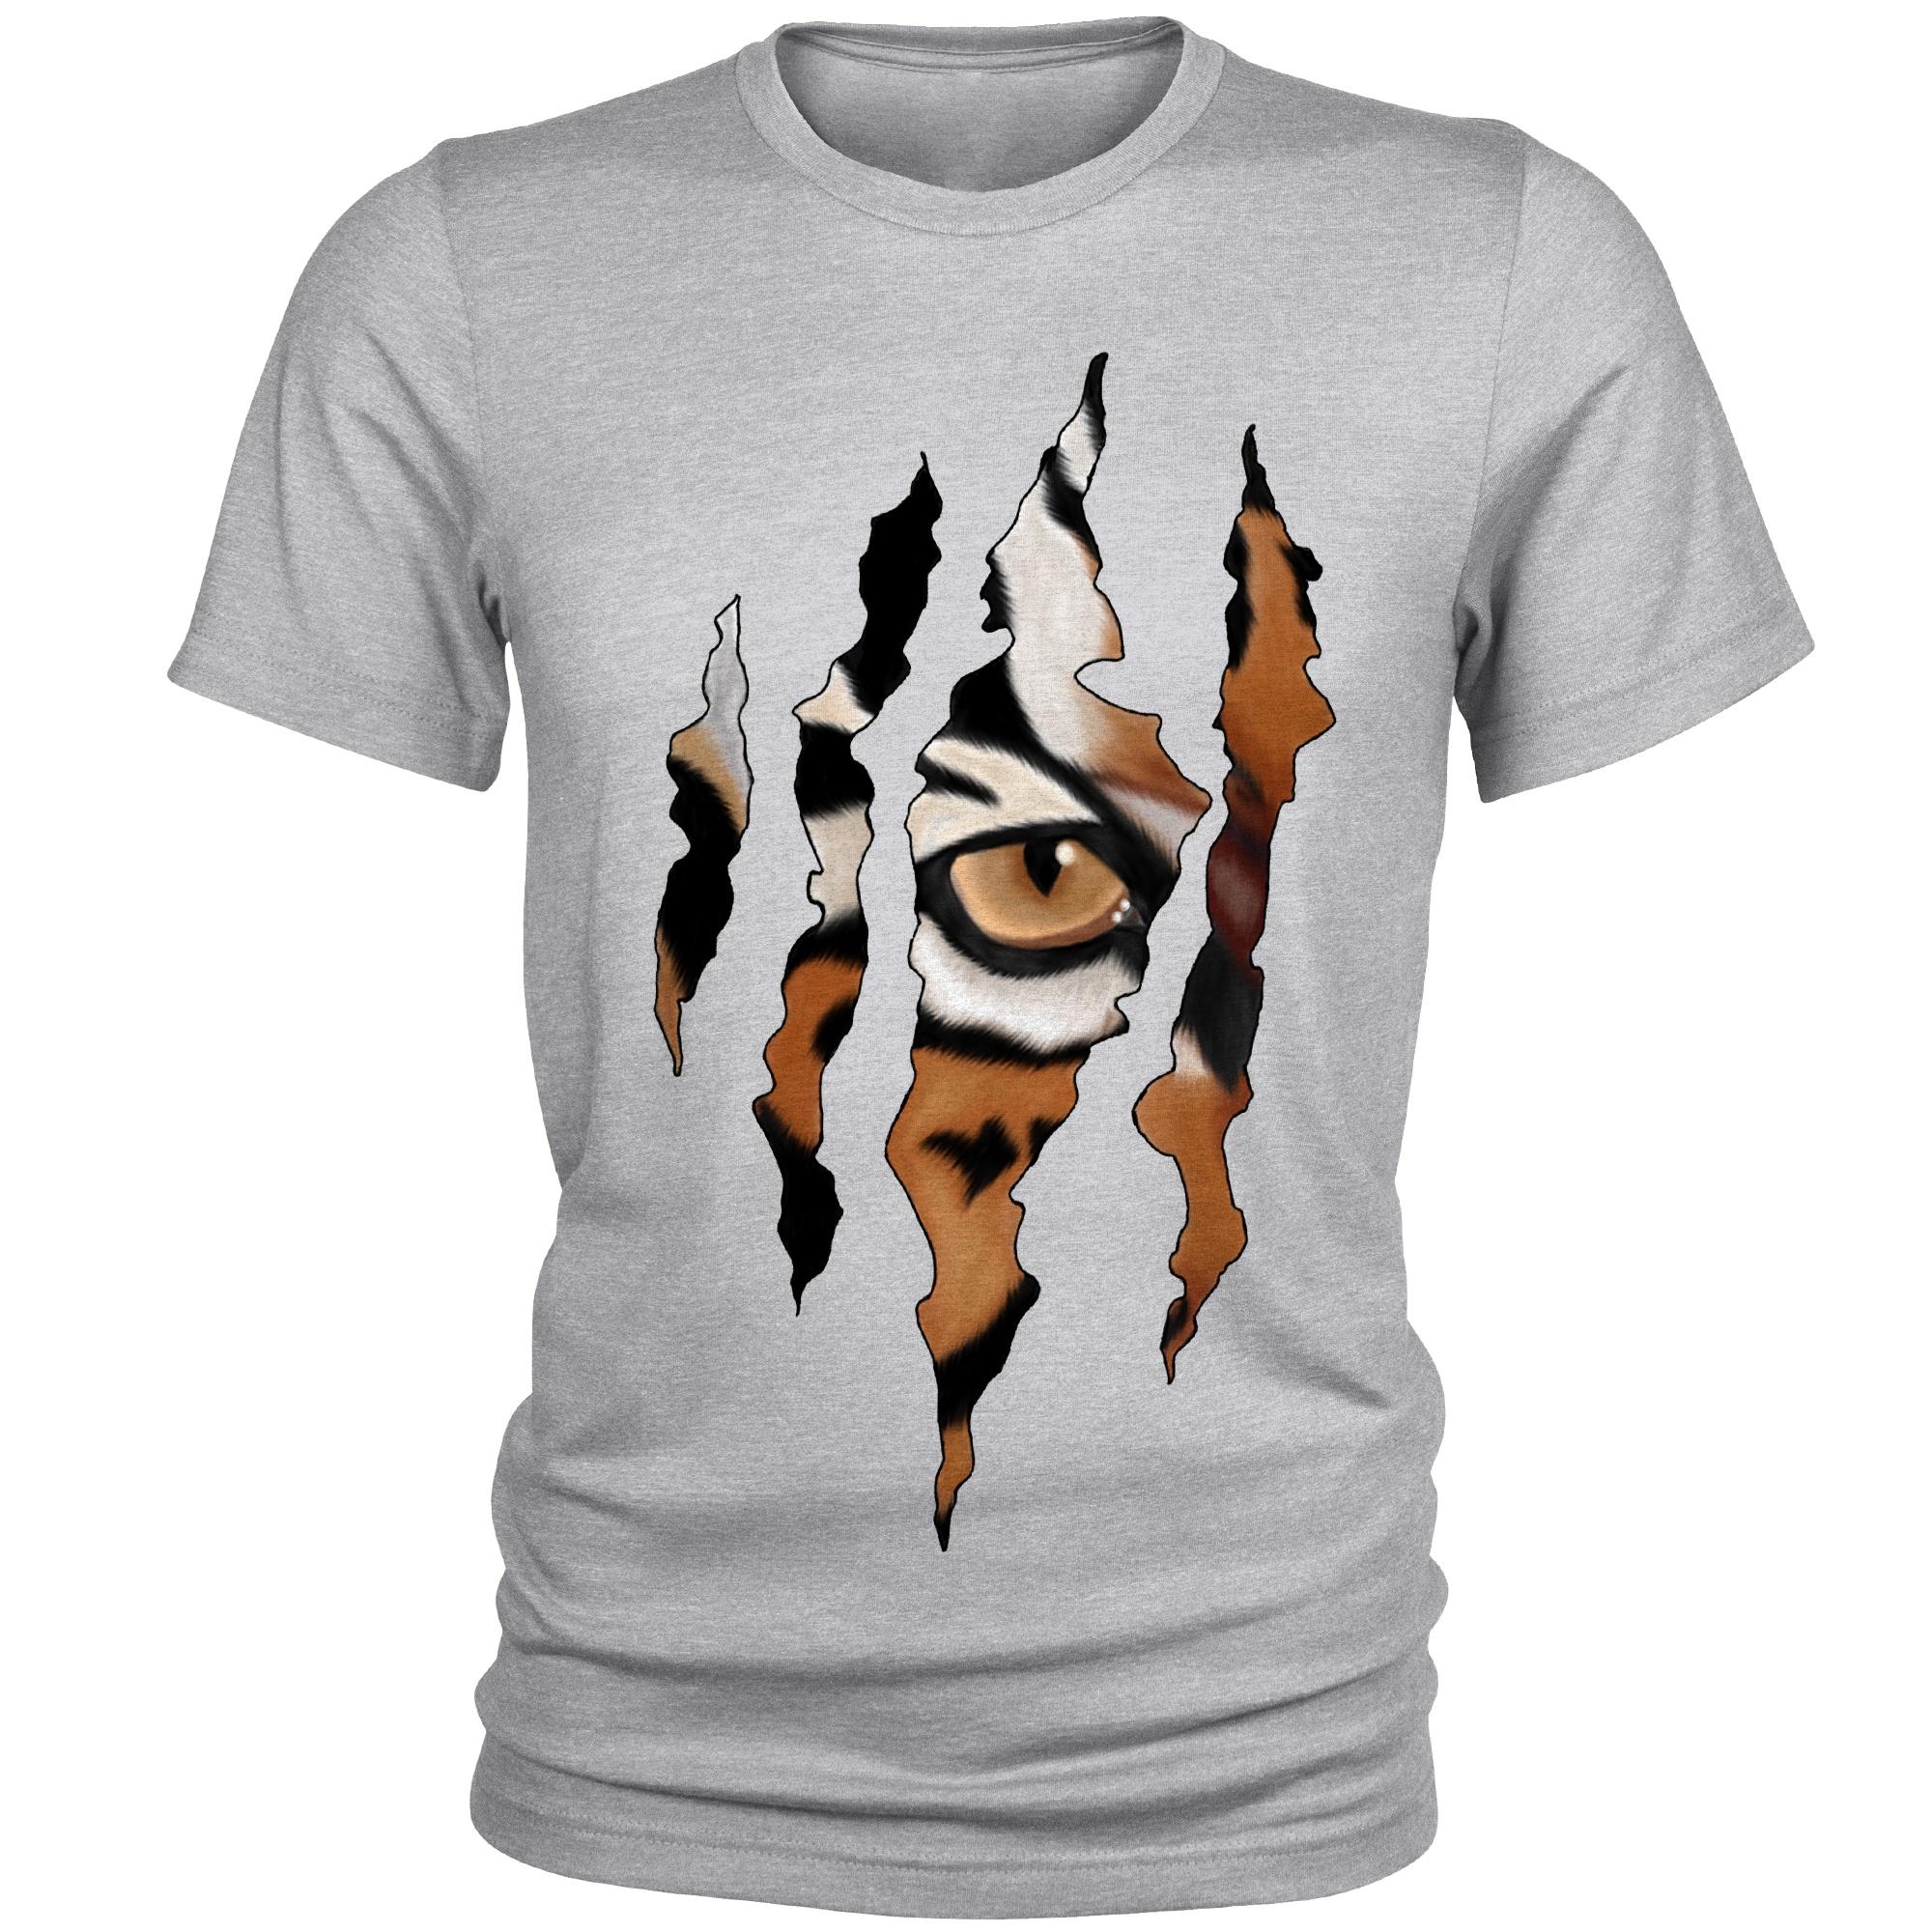 تی شرت مردانه طرح ببر کد A043